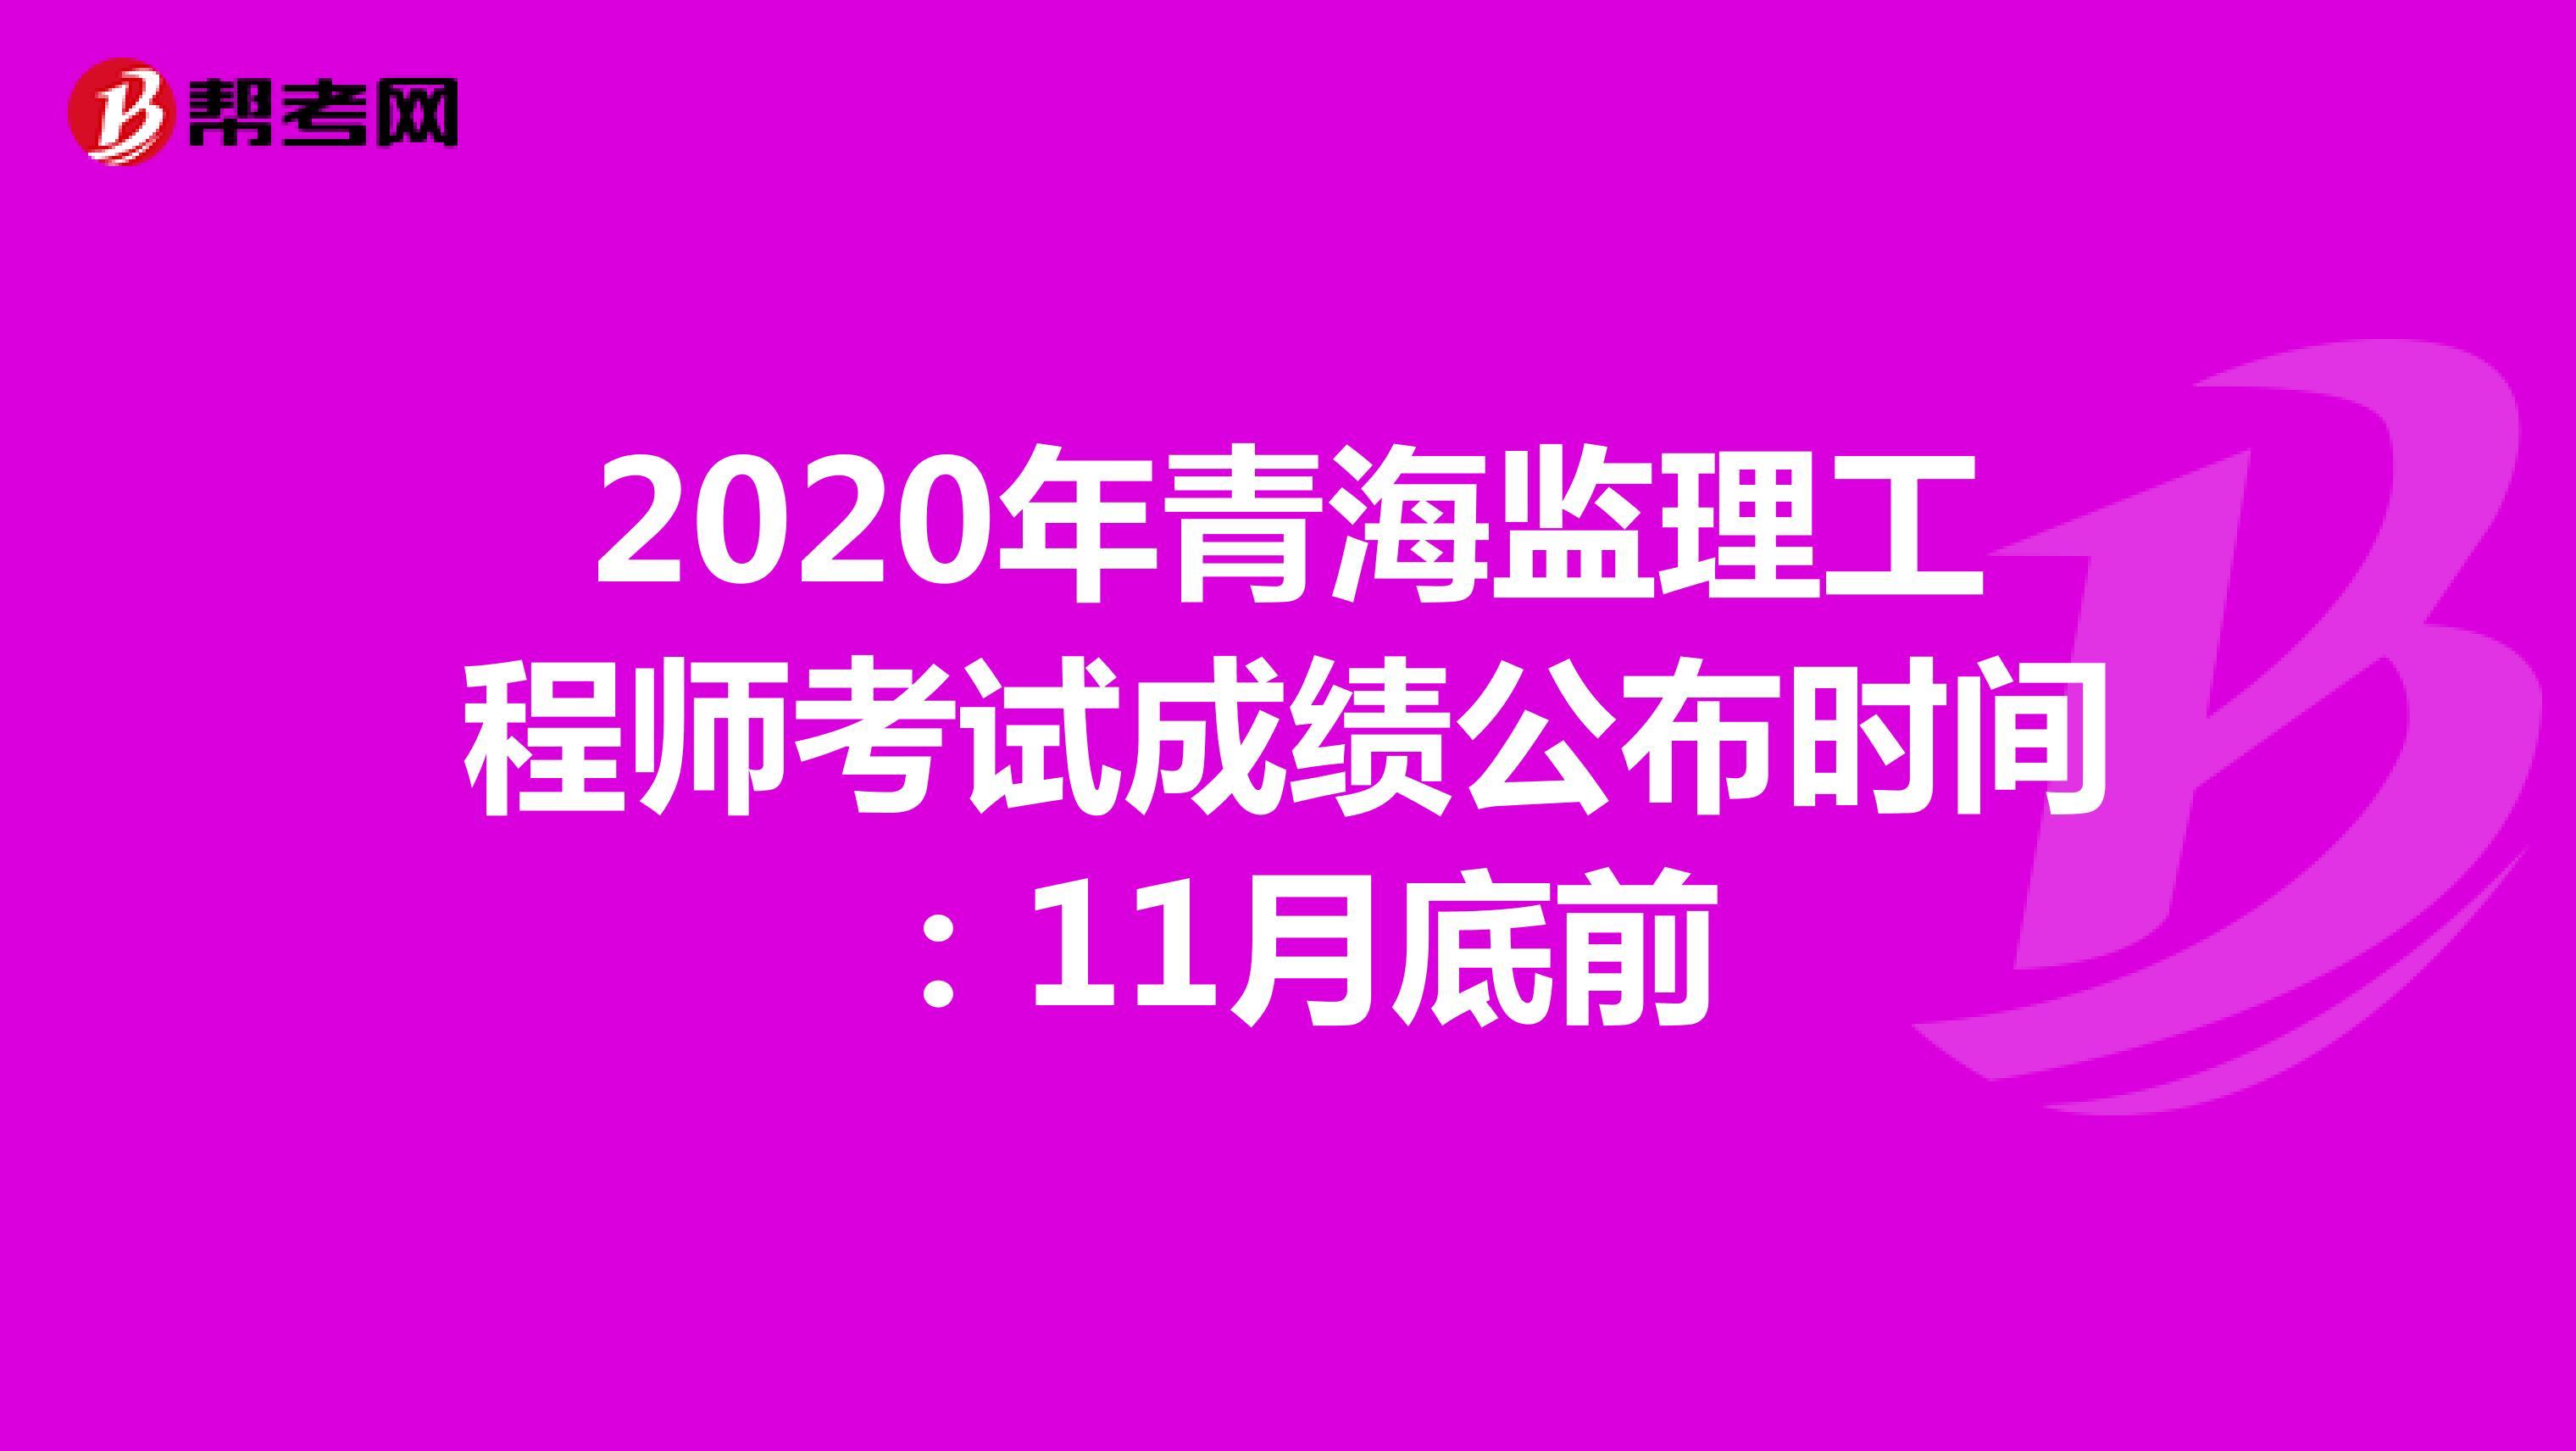 2020年青海监理工程师考试成绩公布时间:11月底前